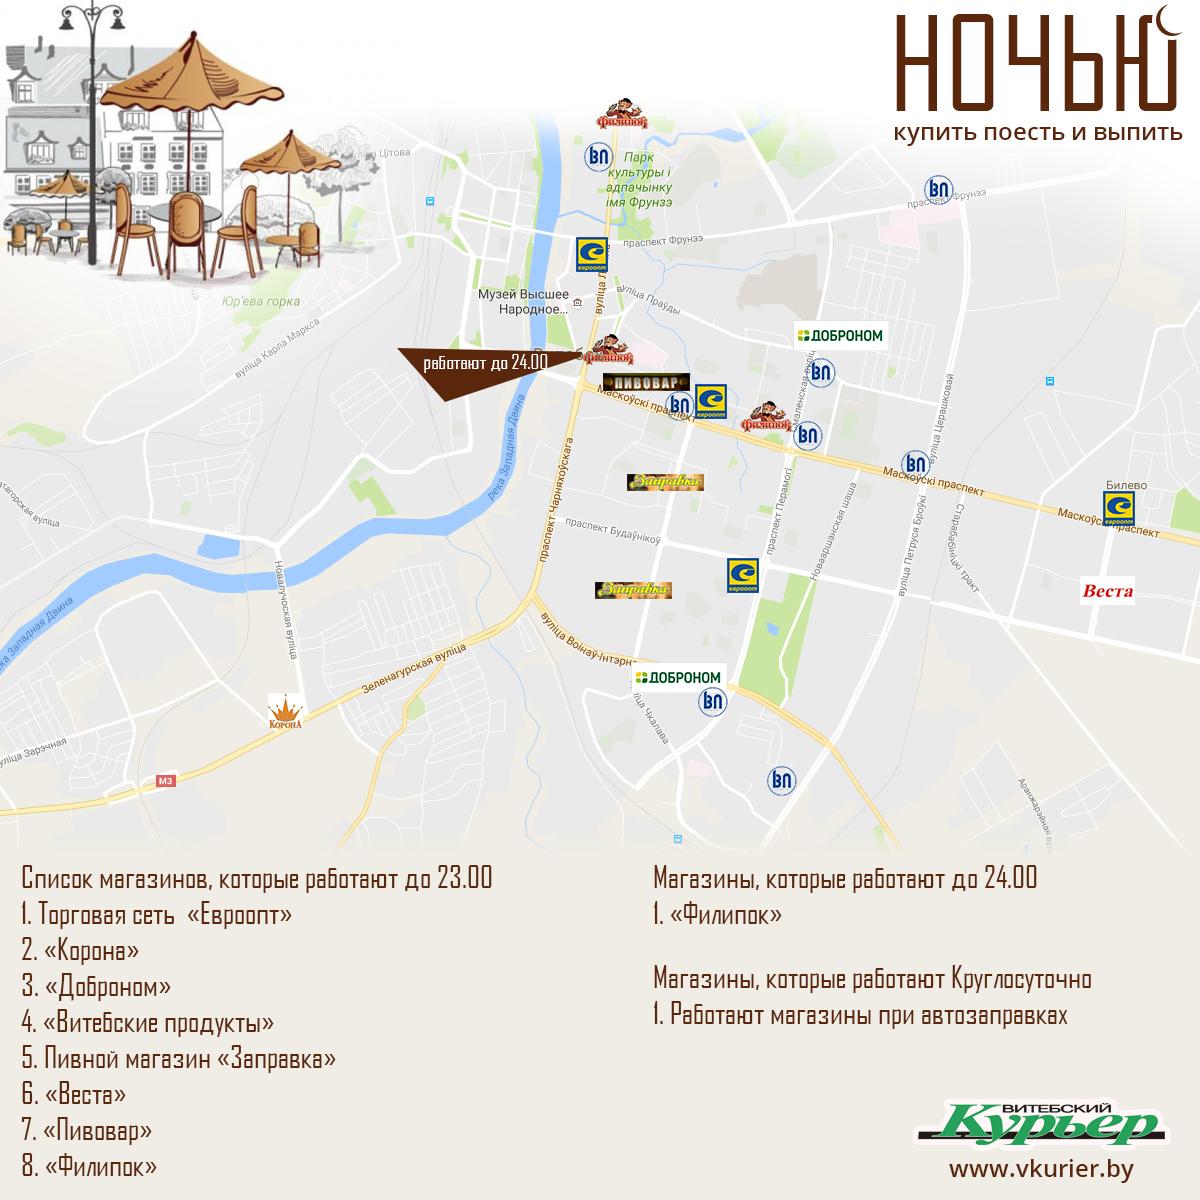 inf_169-karta-magazinov-nochyu